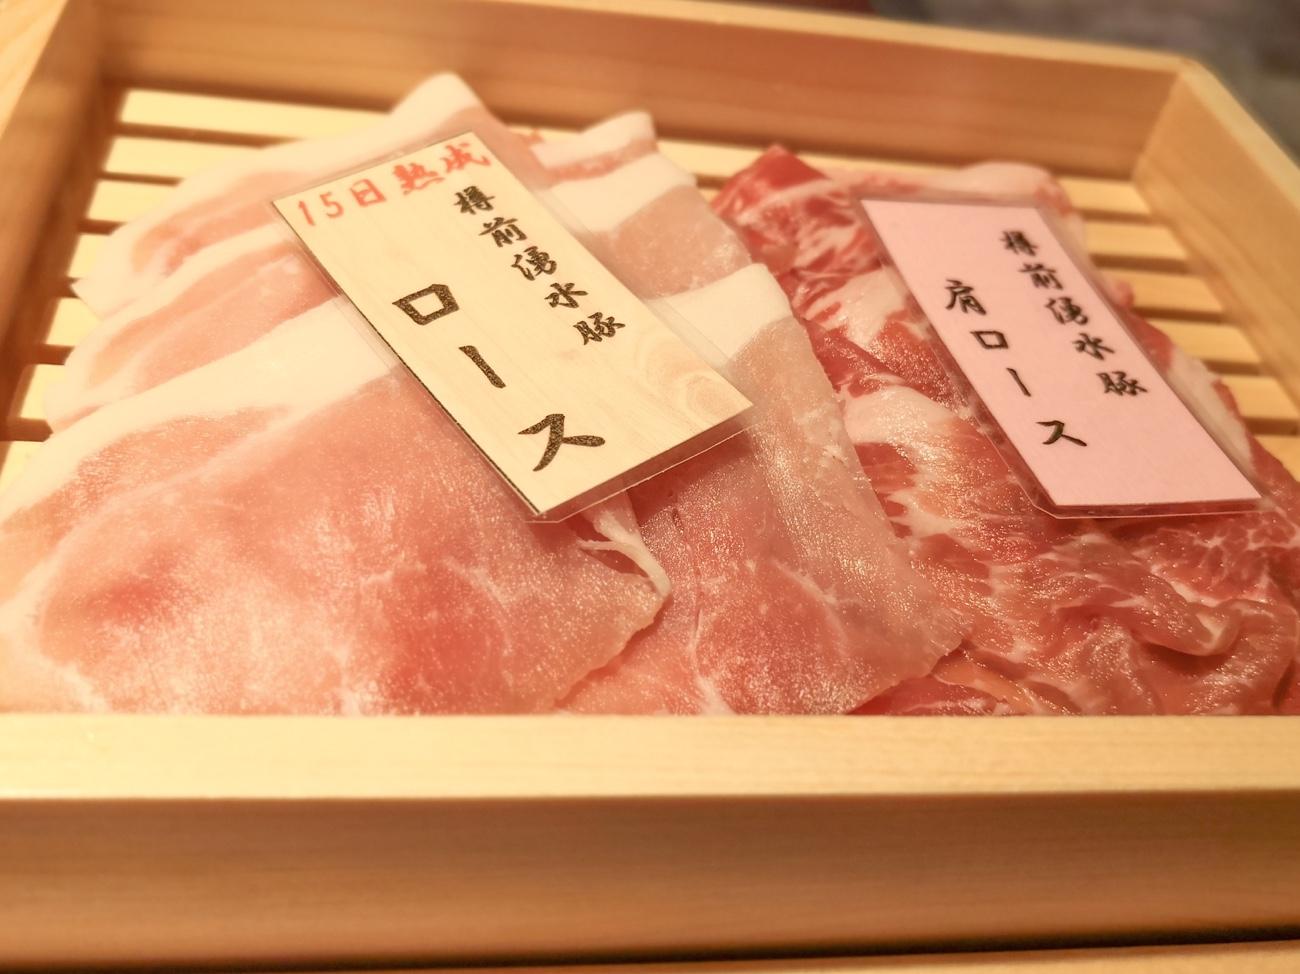 発酵熟成豚 樽前湧水豚 しゃぶしゃぶ八木